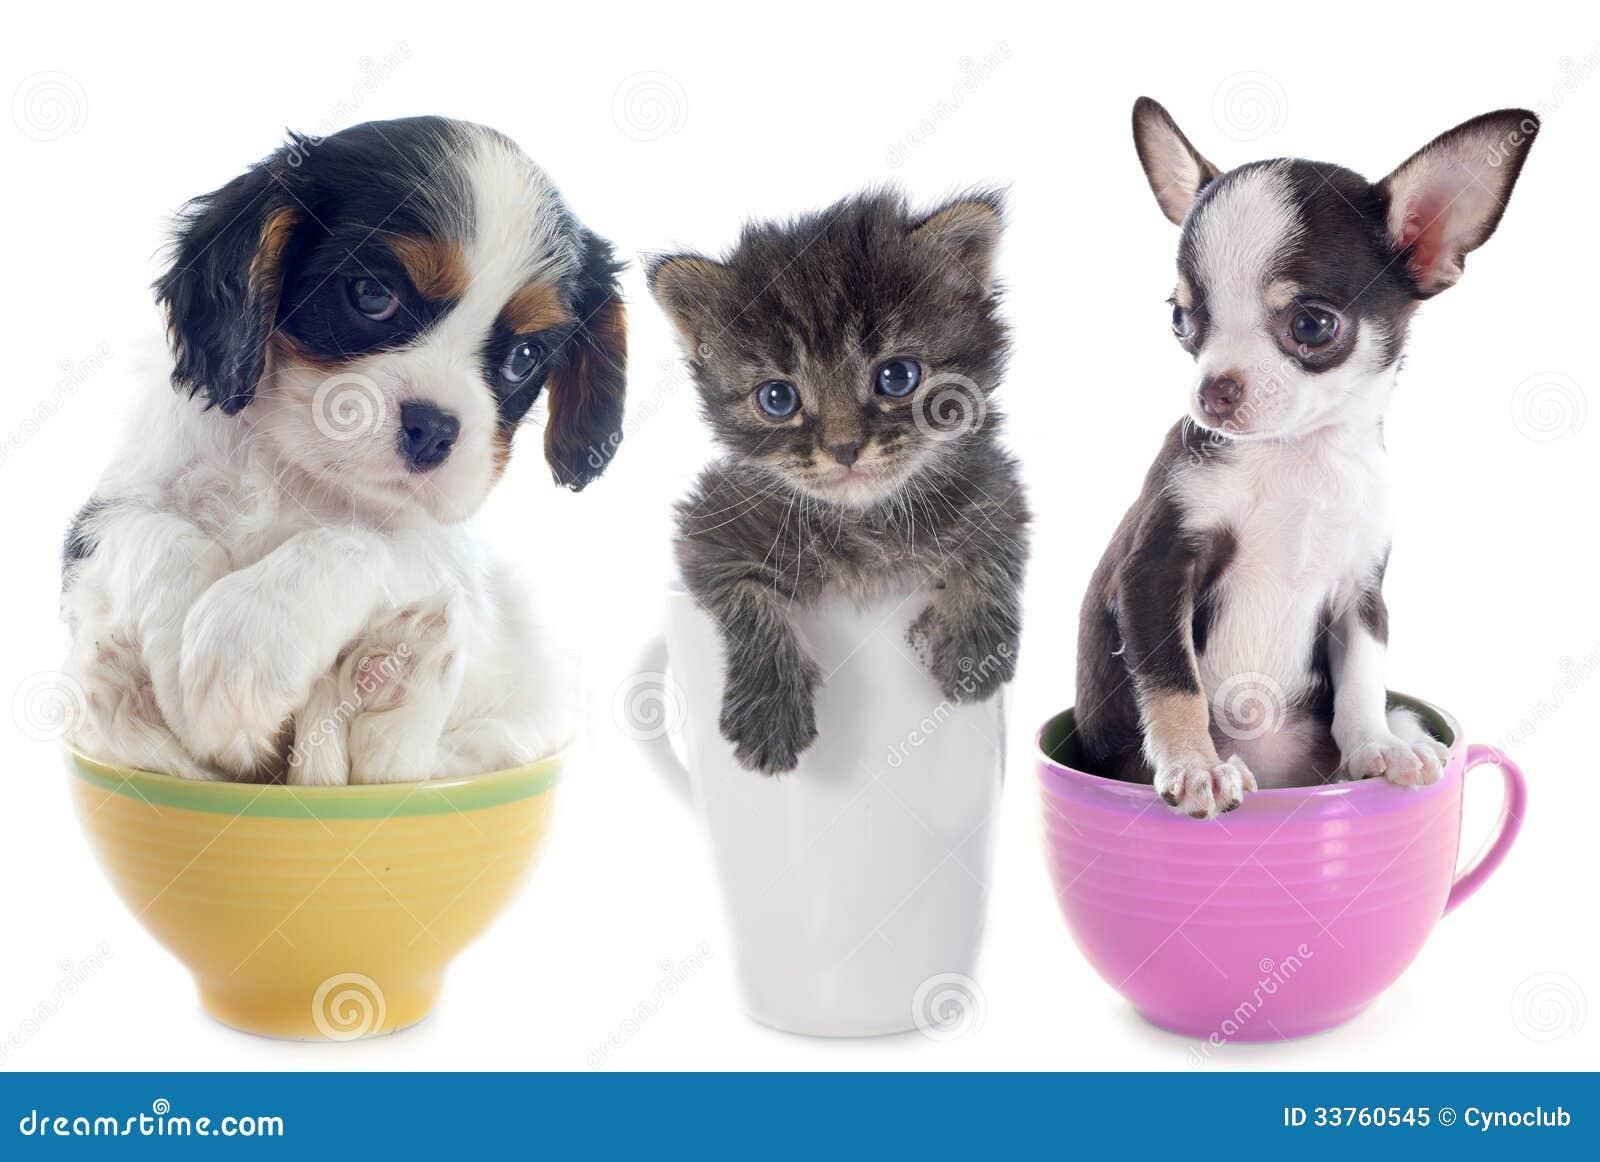 Gatinho e cachorrinhos na xícara de chá